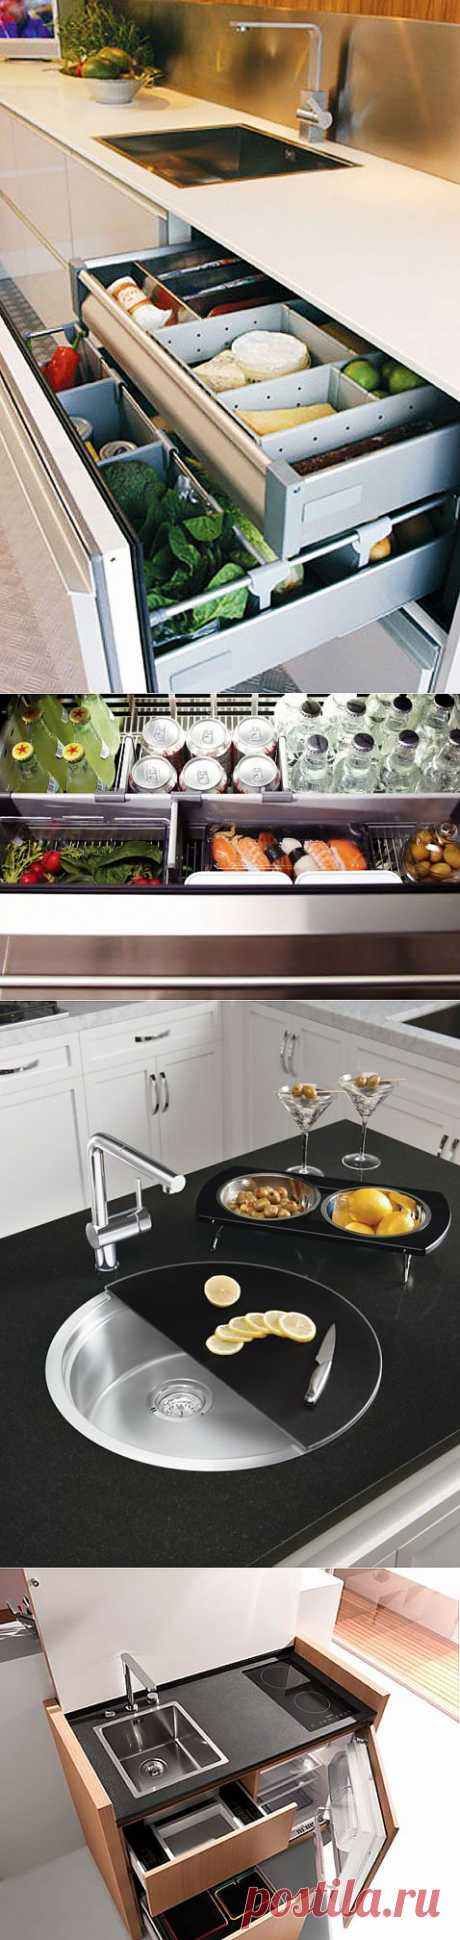 (+1) тема - Что делать, если кухня совсем маленькая? | МОЙ ДОМ